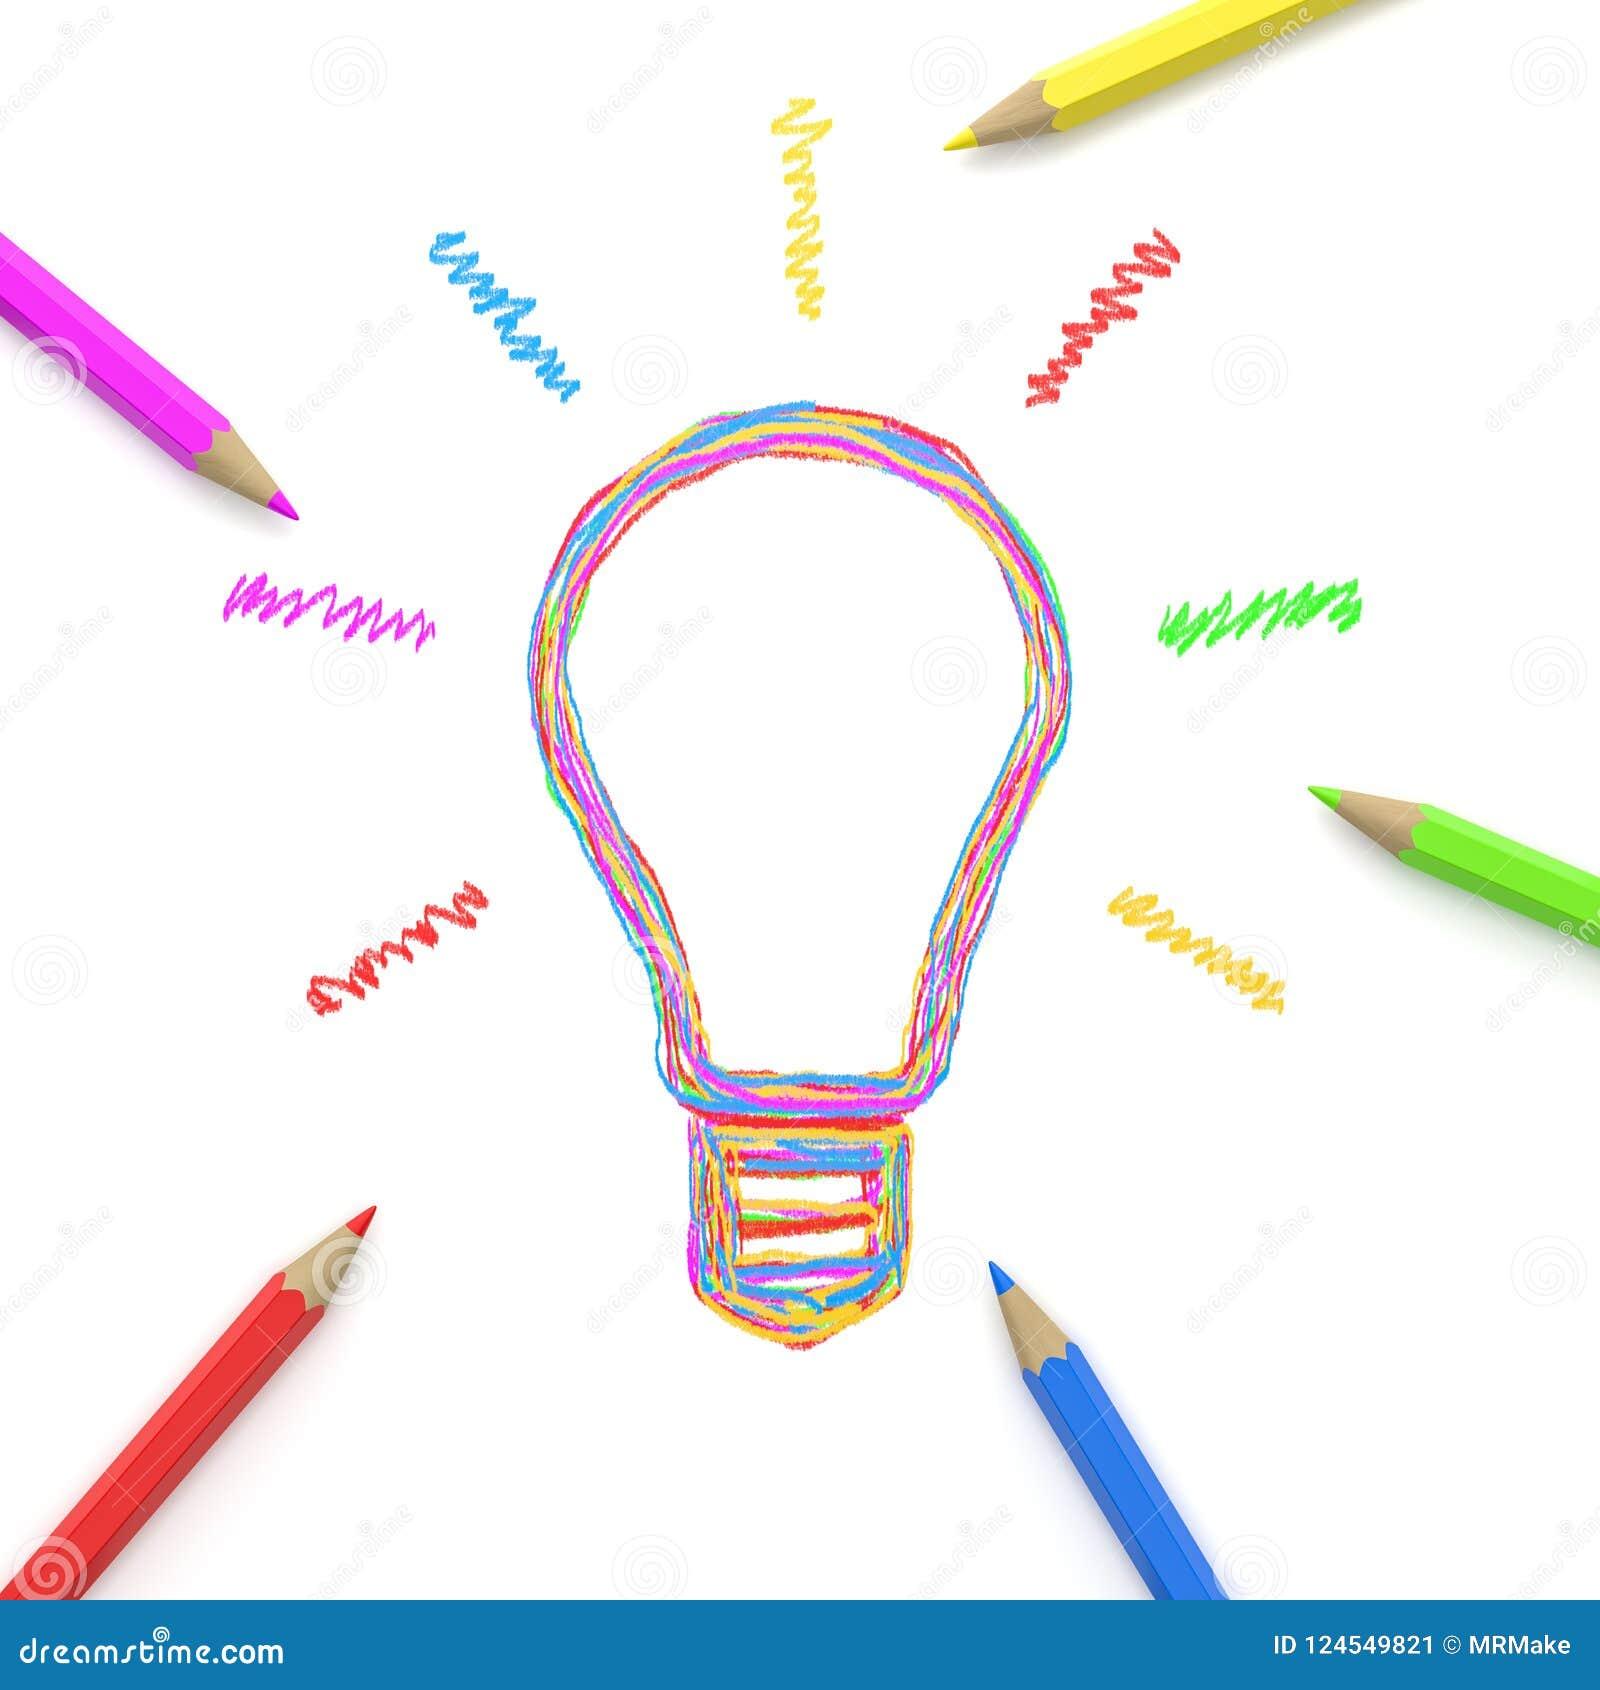 Eine Idee zusammen zeichnen, Crowdsourcing-Konzept